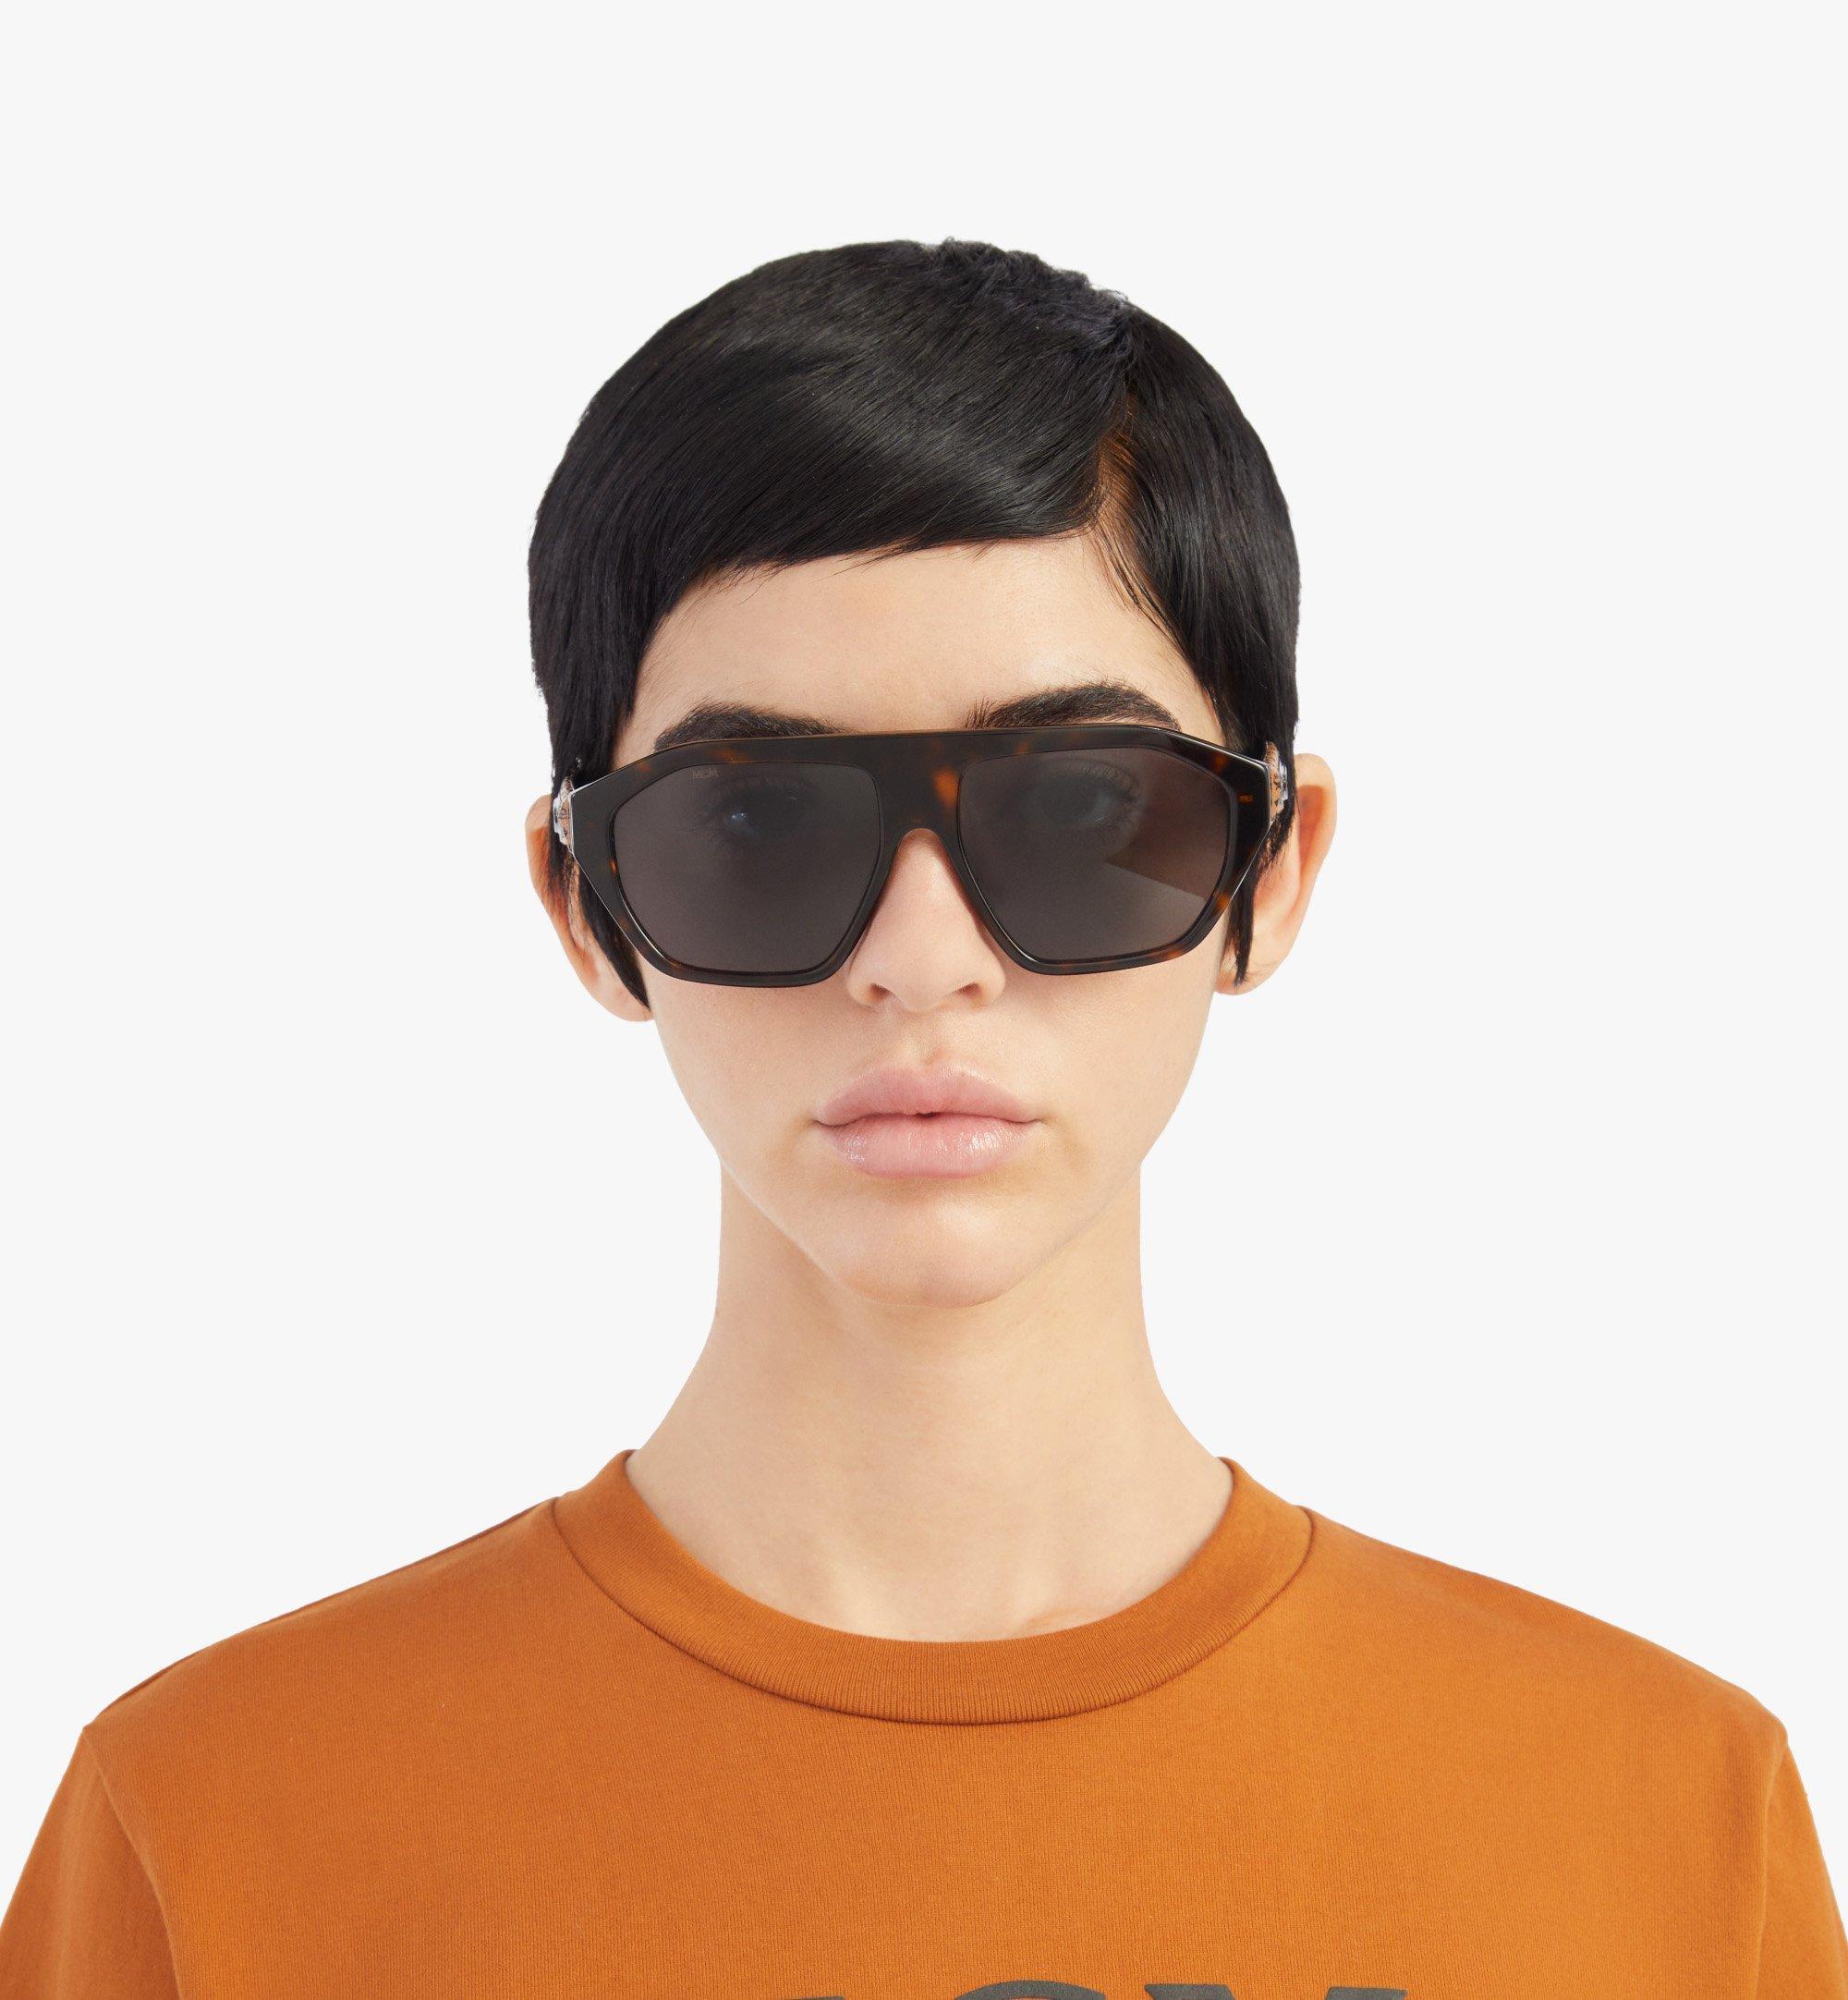 MCM 705SL 太陽眼鏡 Brown MEGBSMM25N3001 更多視圖 3